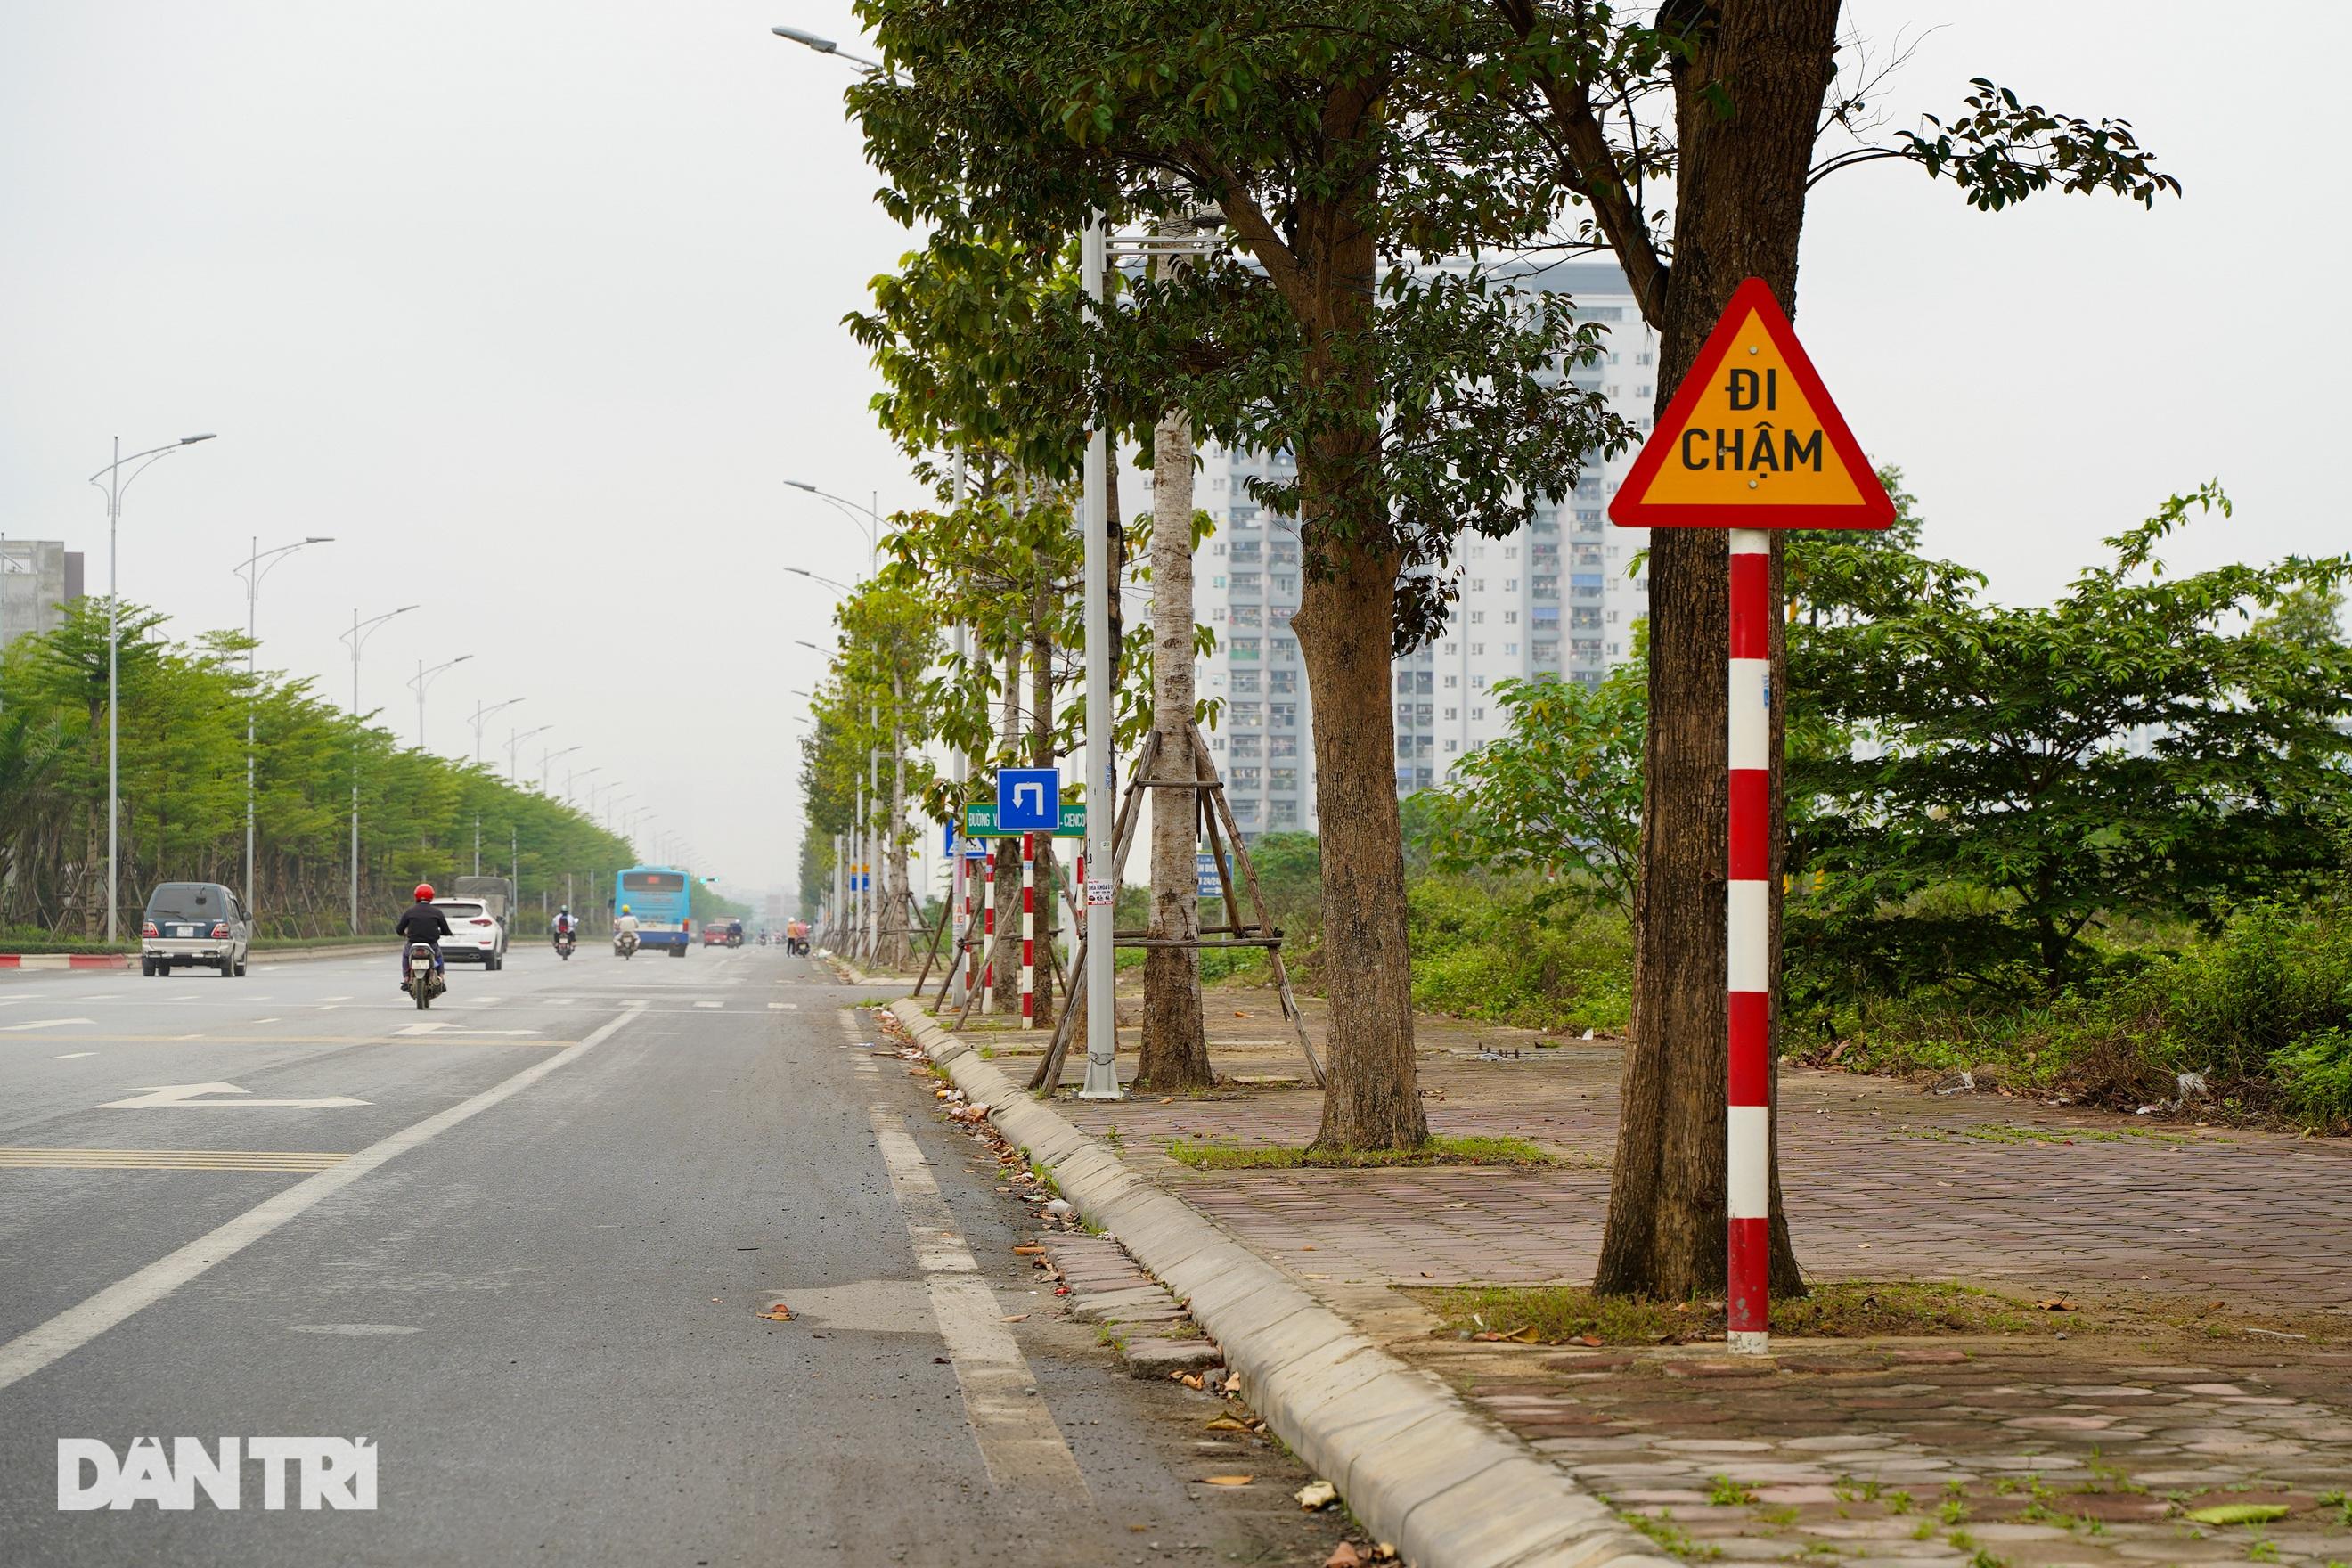 Toàn cảnh tuyến đường hơn 7.500 tỷ đồng kết nối 4 quận, huyện ở Hà Nội - 13